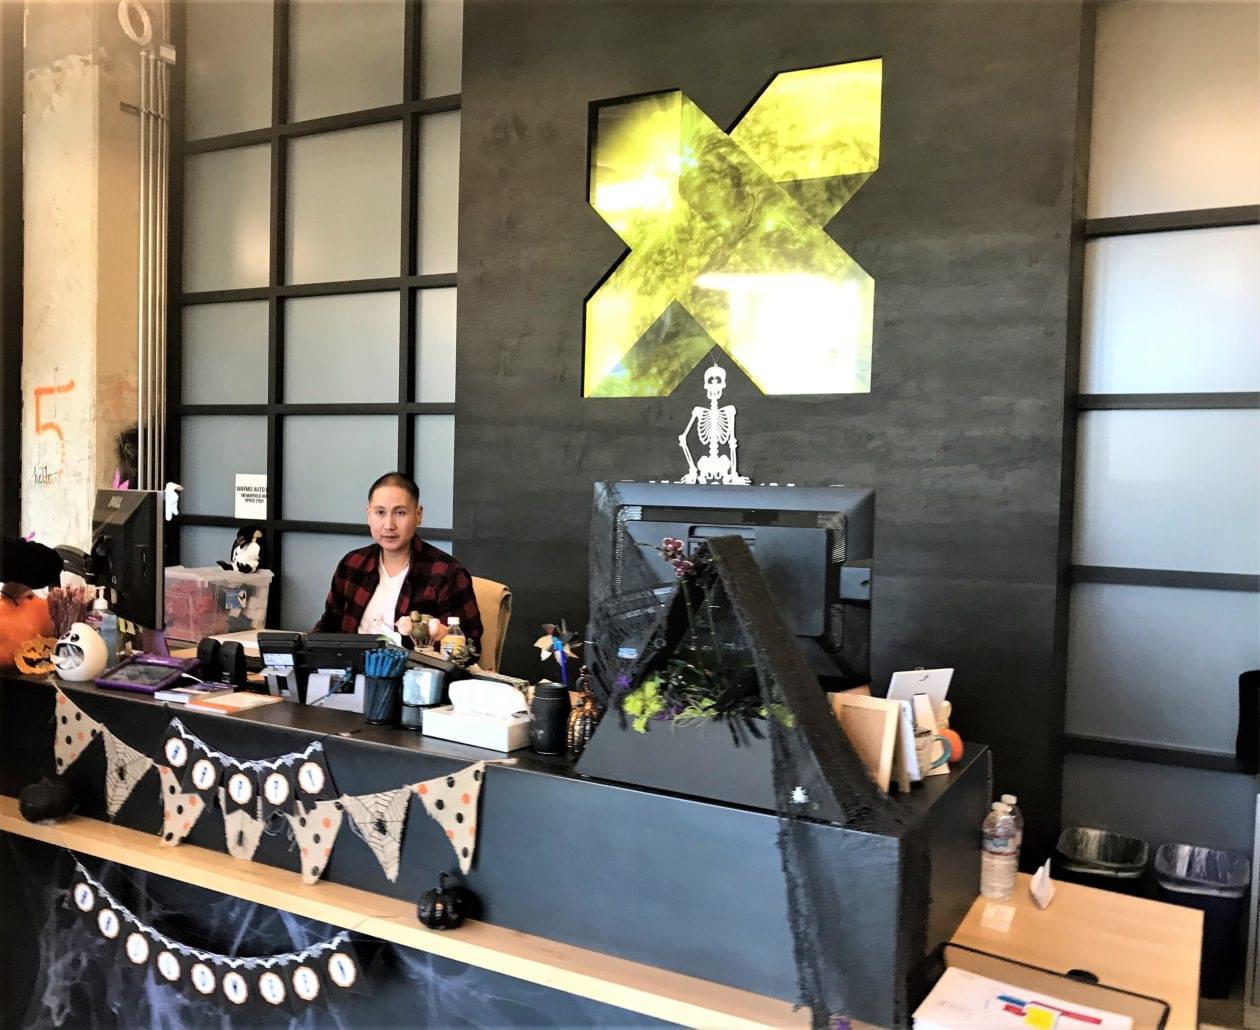 揭秘谷歌X实验室:各种疯狂点子都在这里诞生